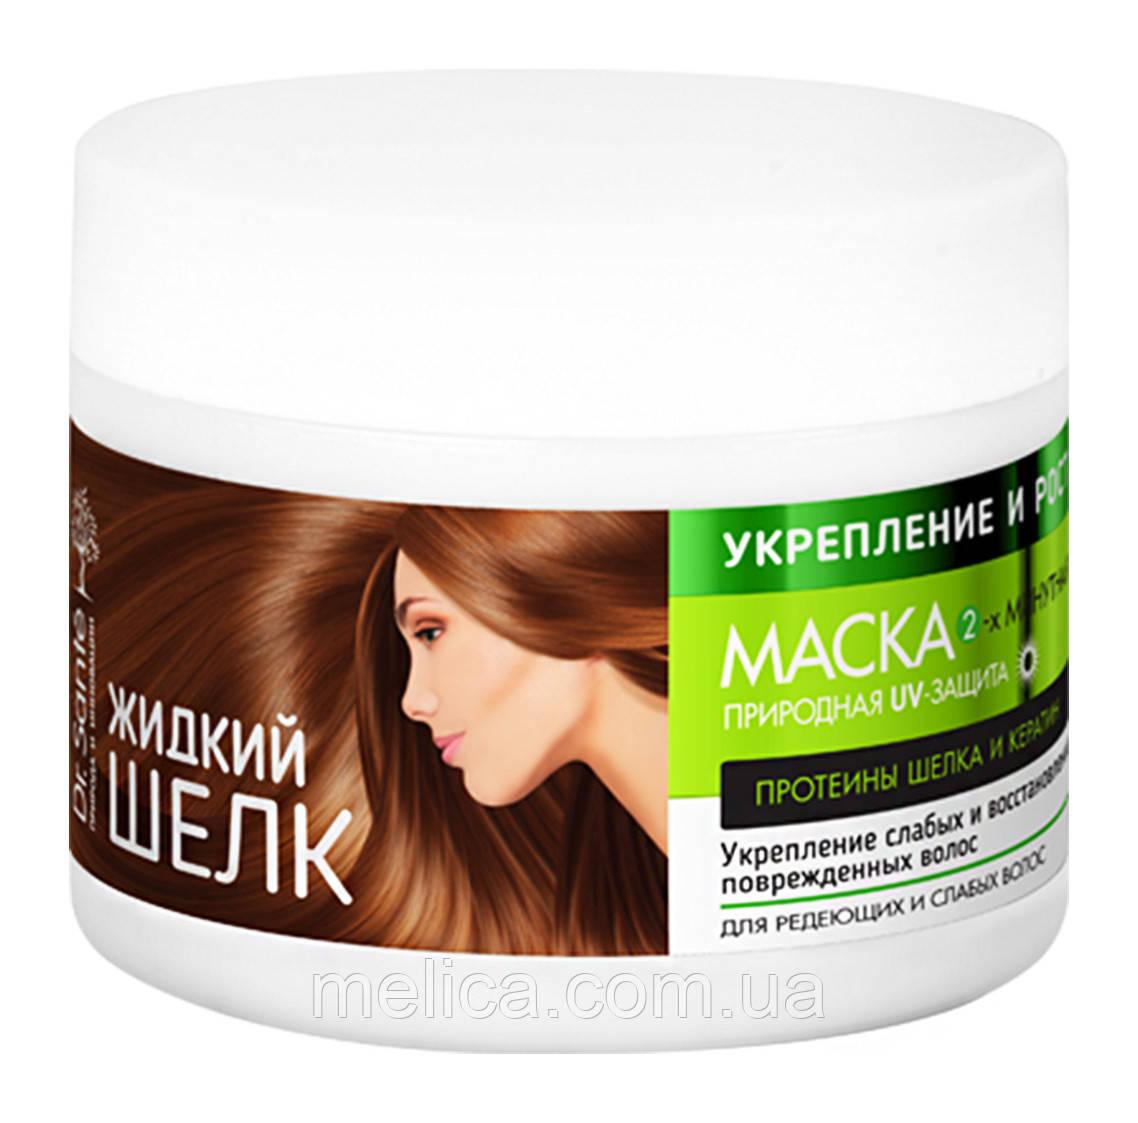 Маска для волос Dr.Sante Жидкий шелк Укрепление и Рост - 300 мл.